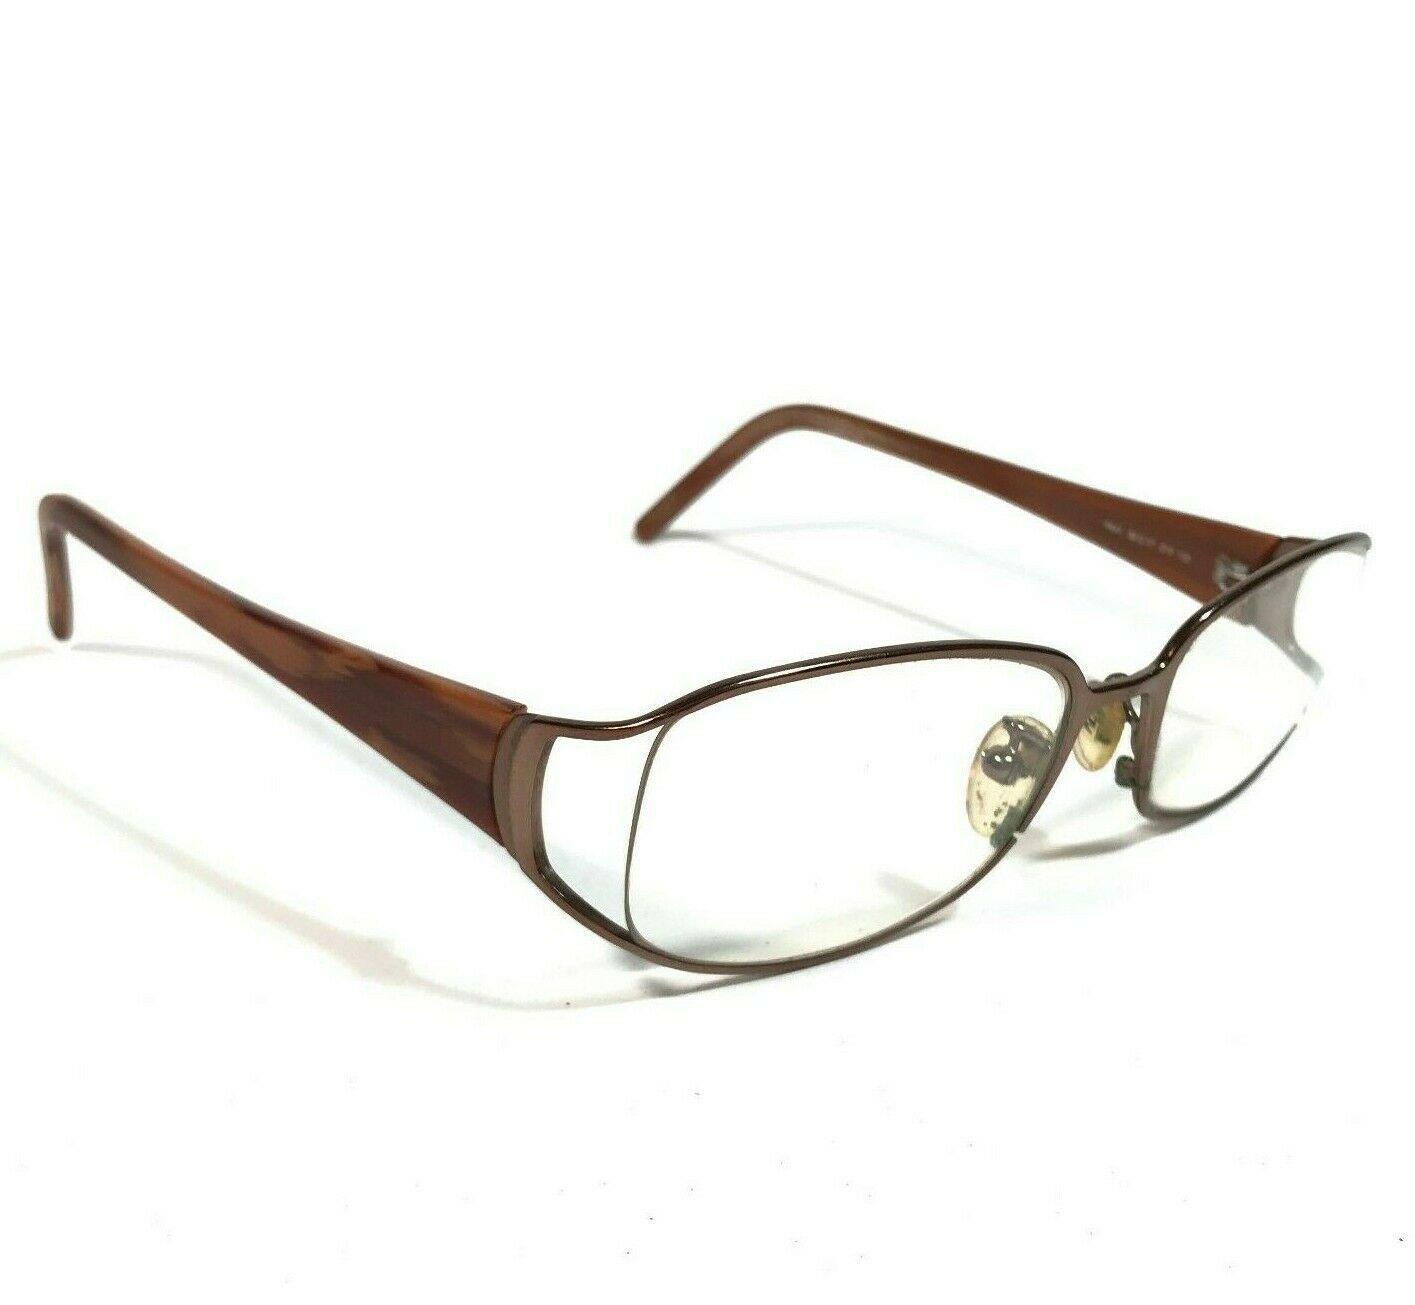 Fendi Brown Horn Oval Semi Rimmed Eyeglass FRAMES ONLY F641 210 52 17 130 V34 - $46.75